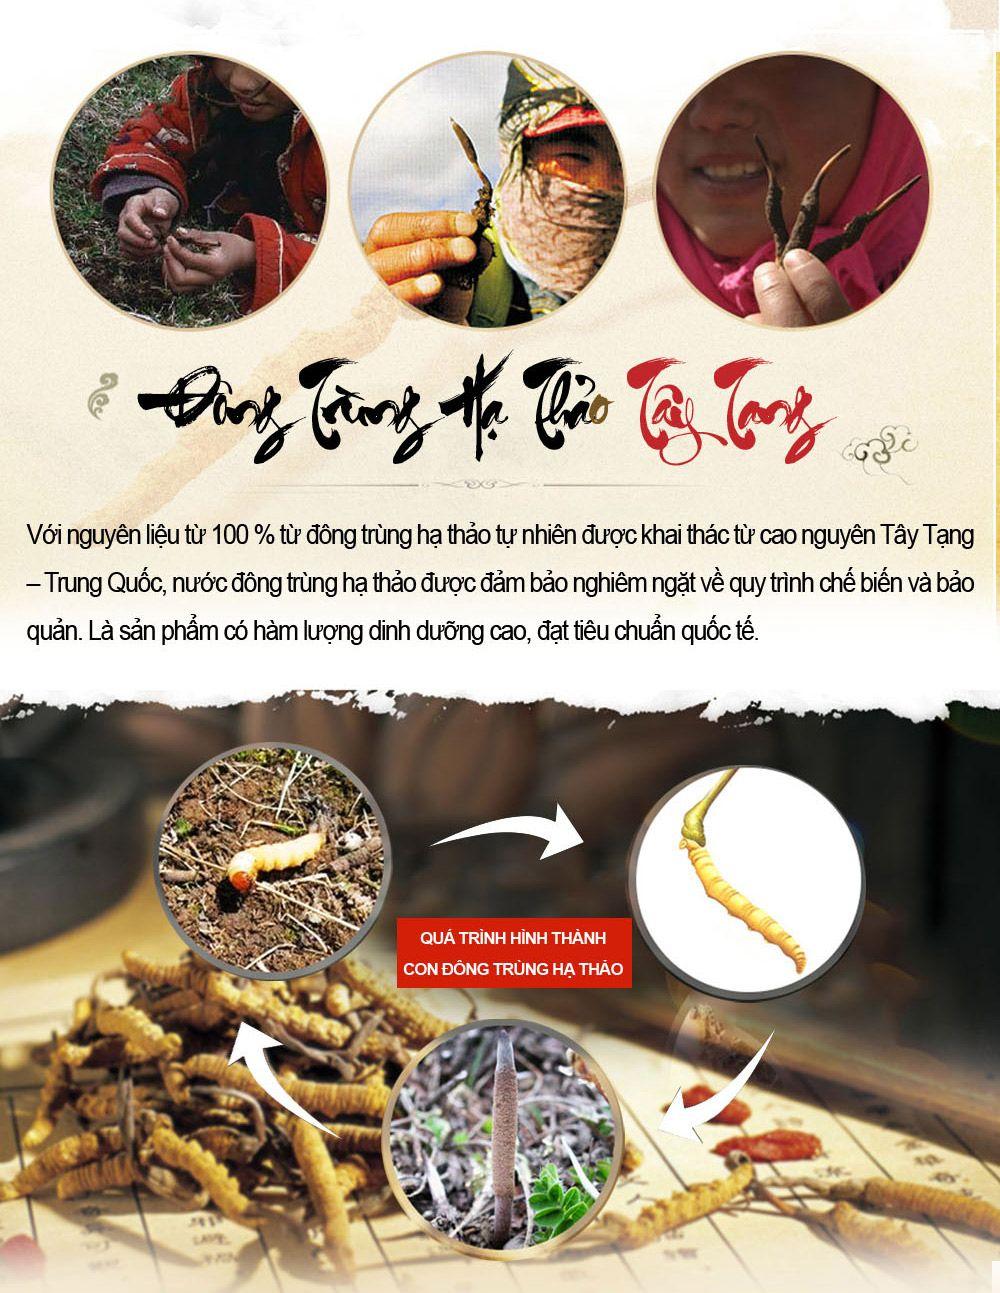 Quy trình hình thành con đông trùng hạ thảo tây tạng